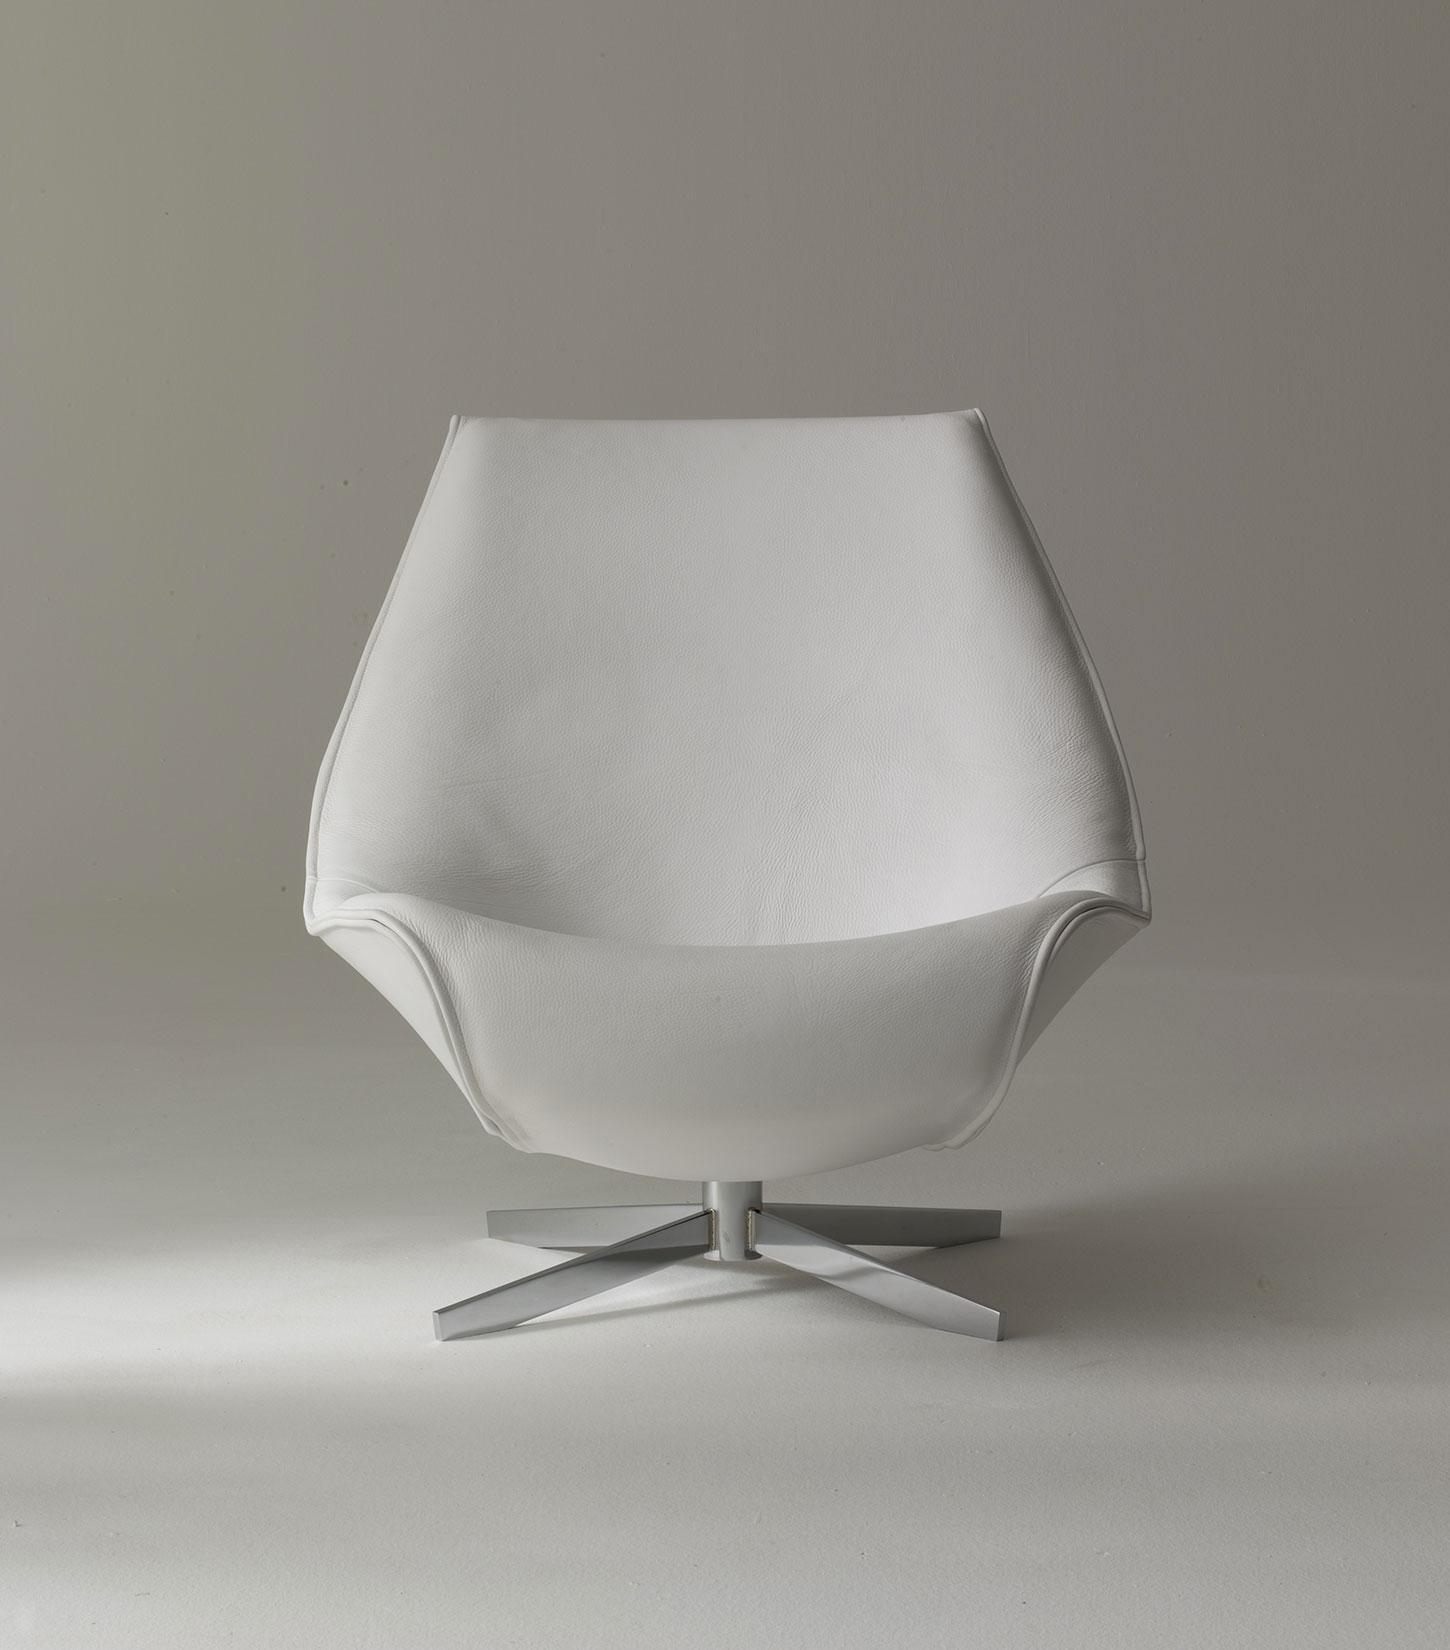 Oyster fauteuil pivotant en cuir vente en ligne italy dream design - Fauteuil relax design cuir ...